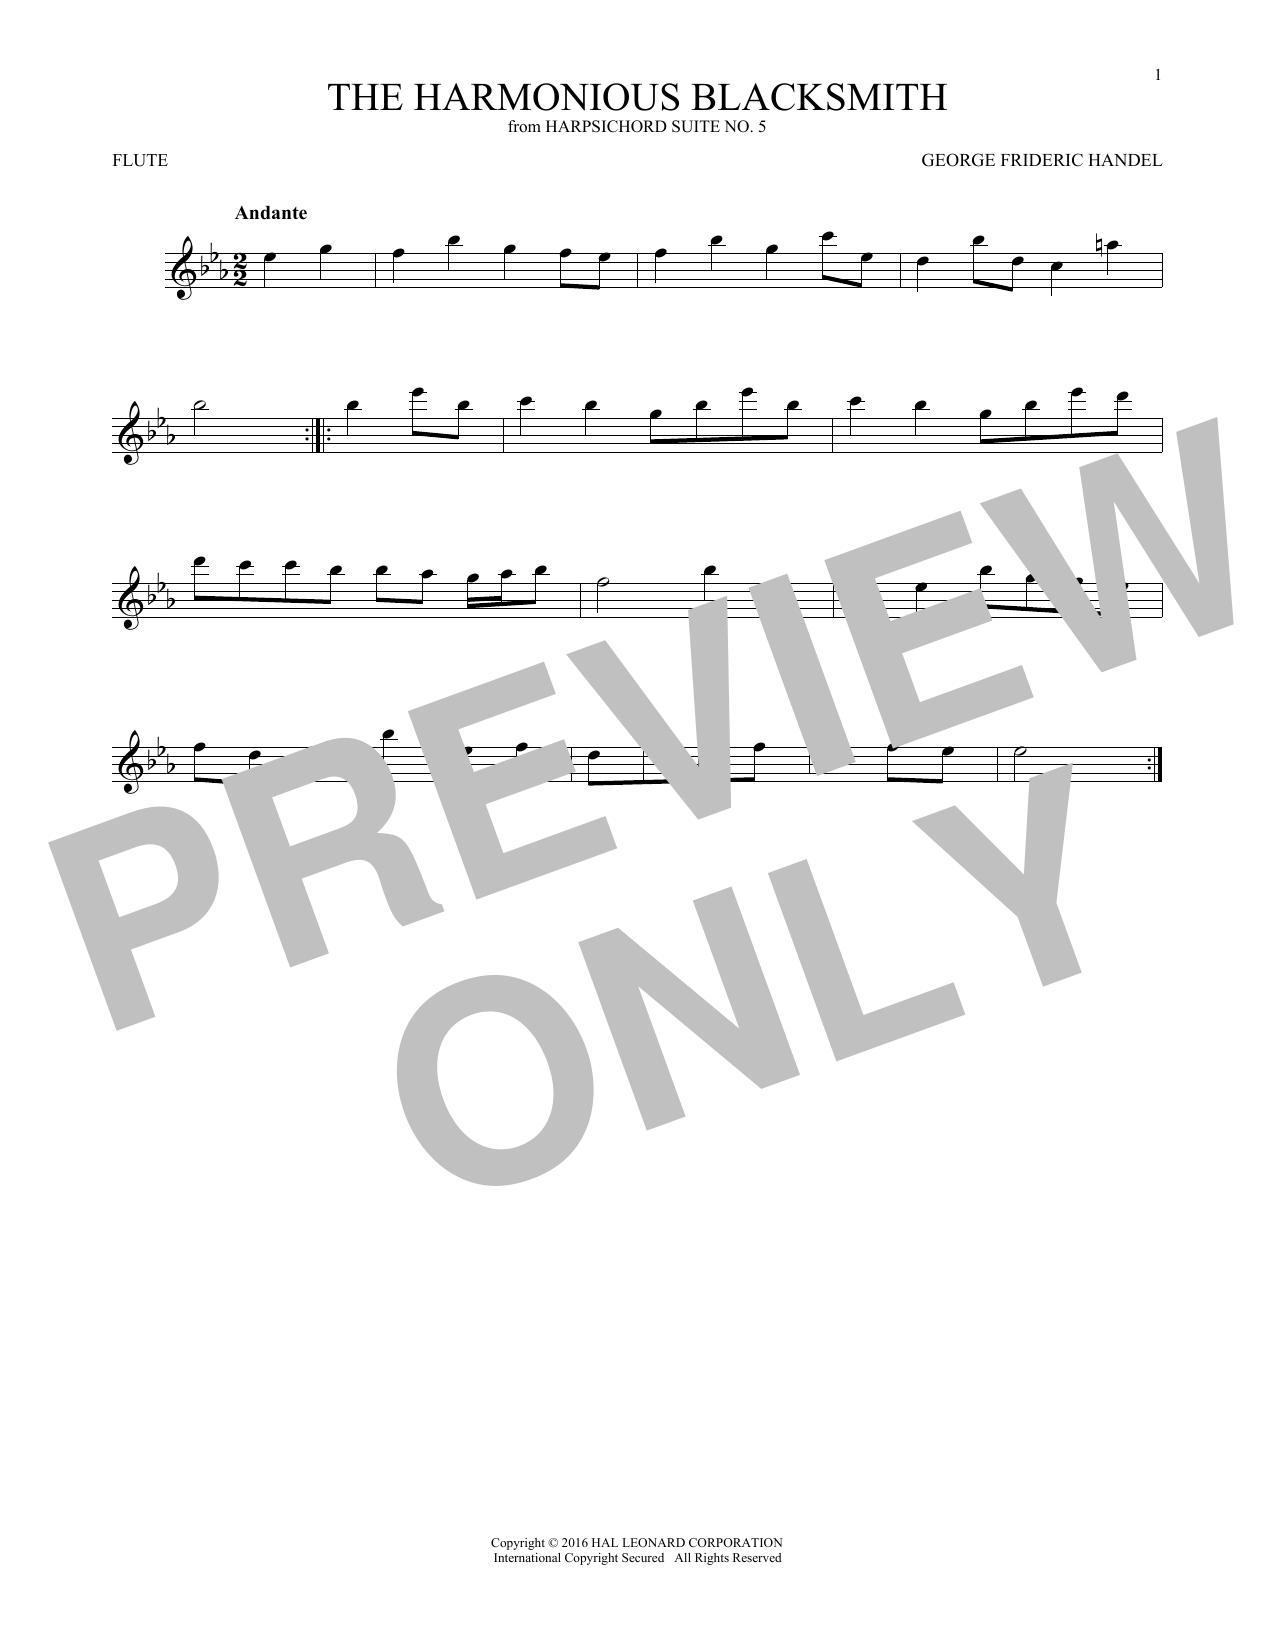 Harmonious Blacksmith (Flute Solo)